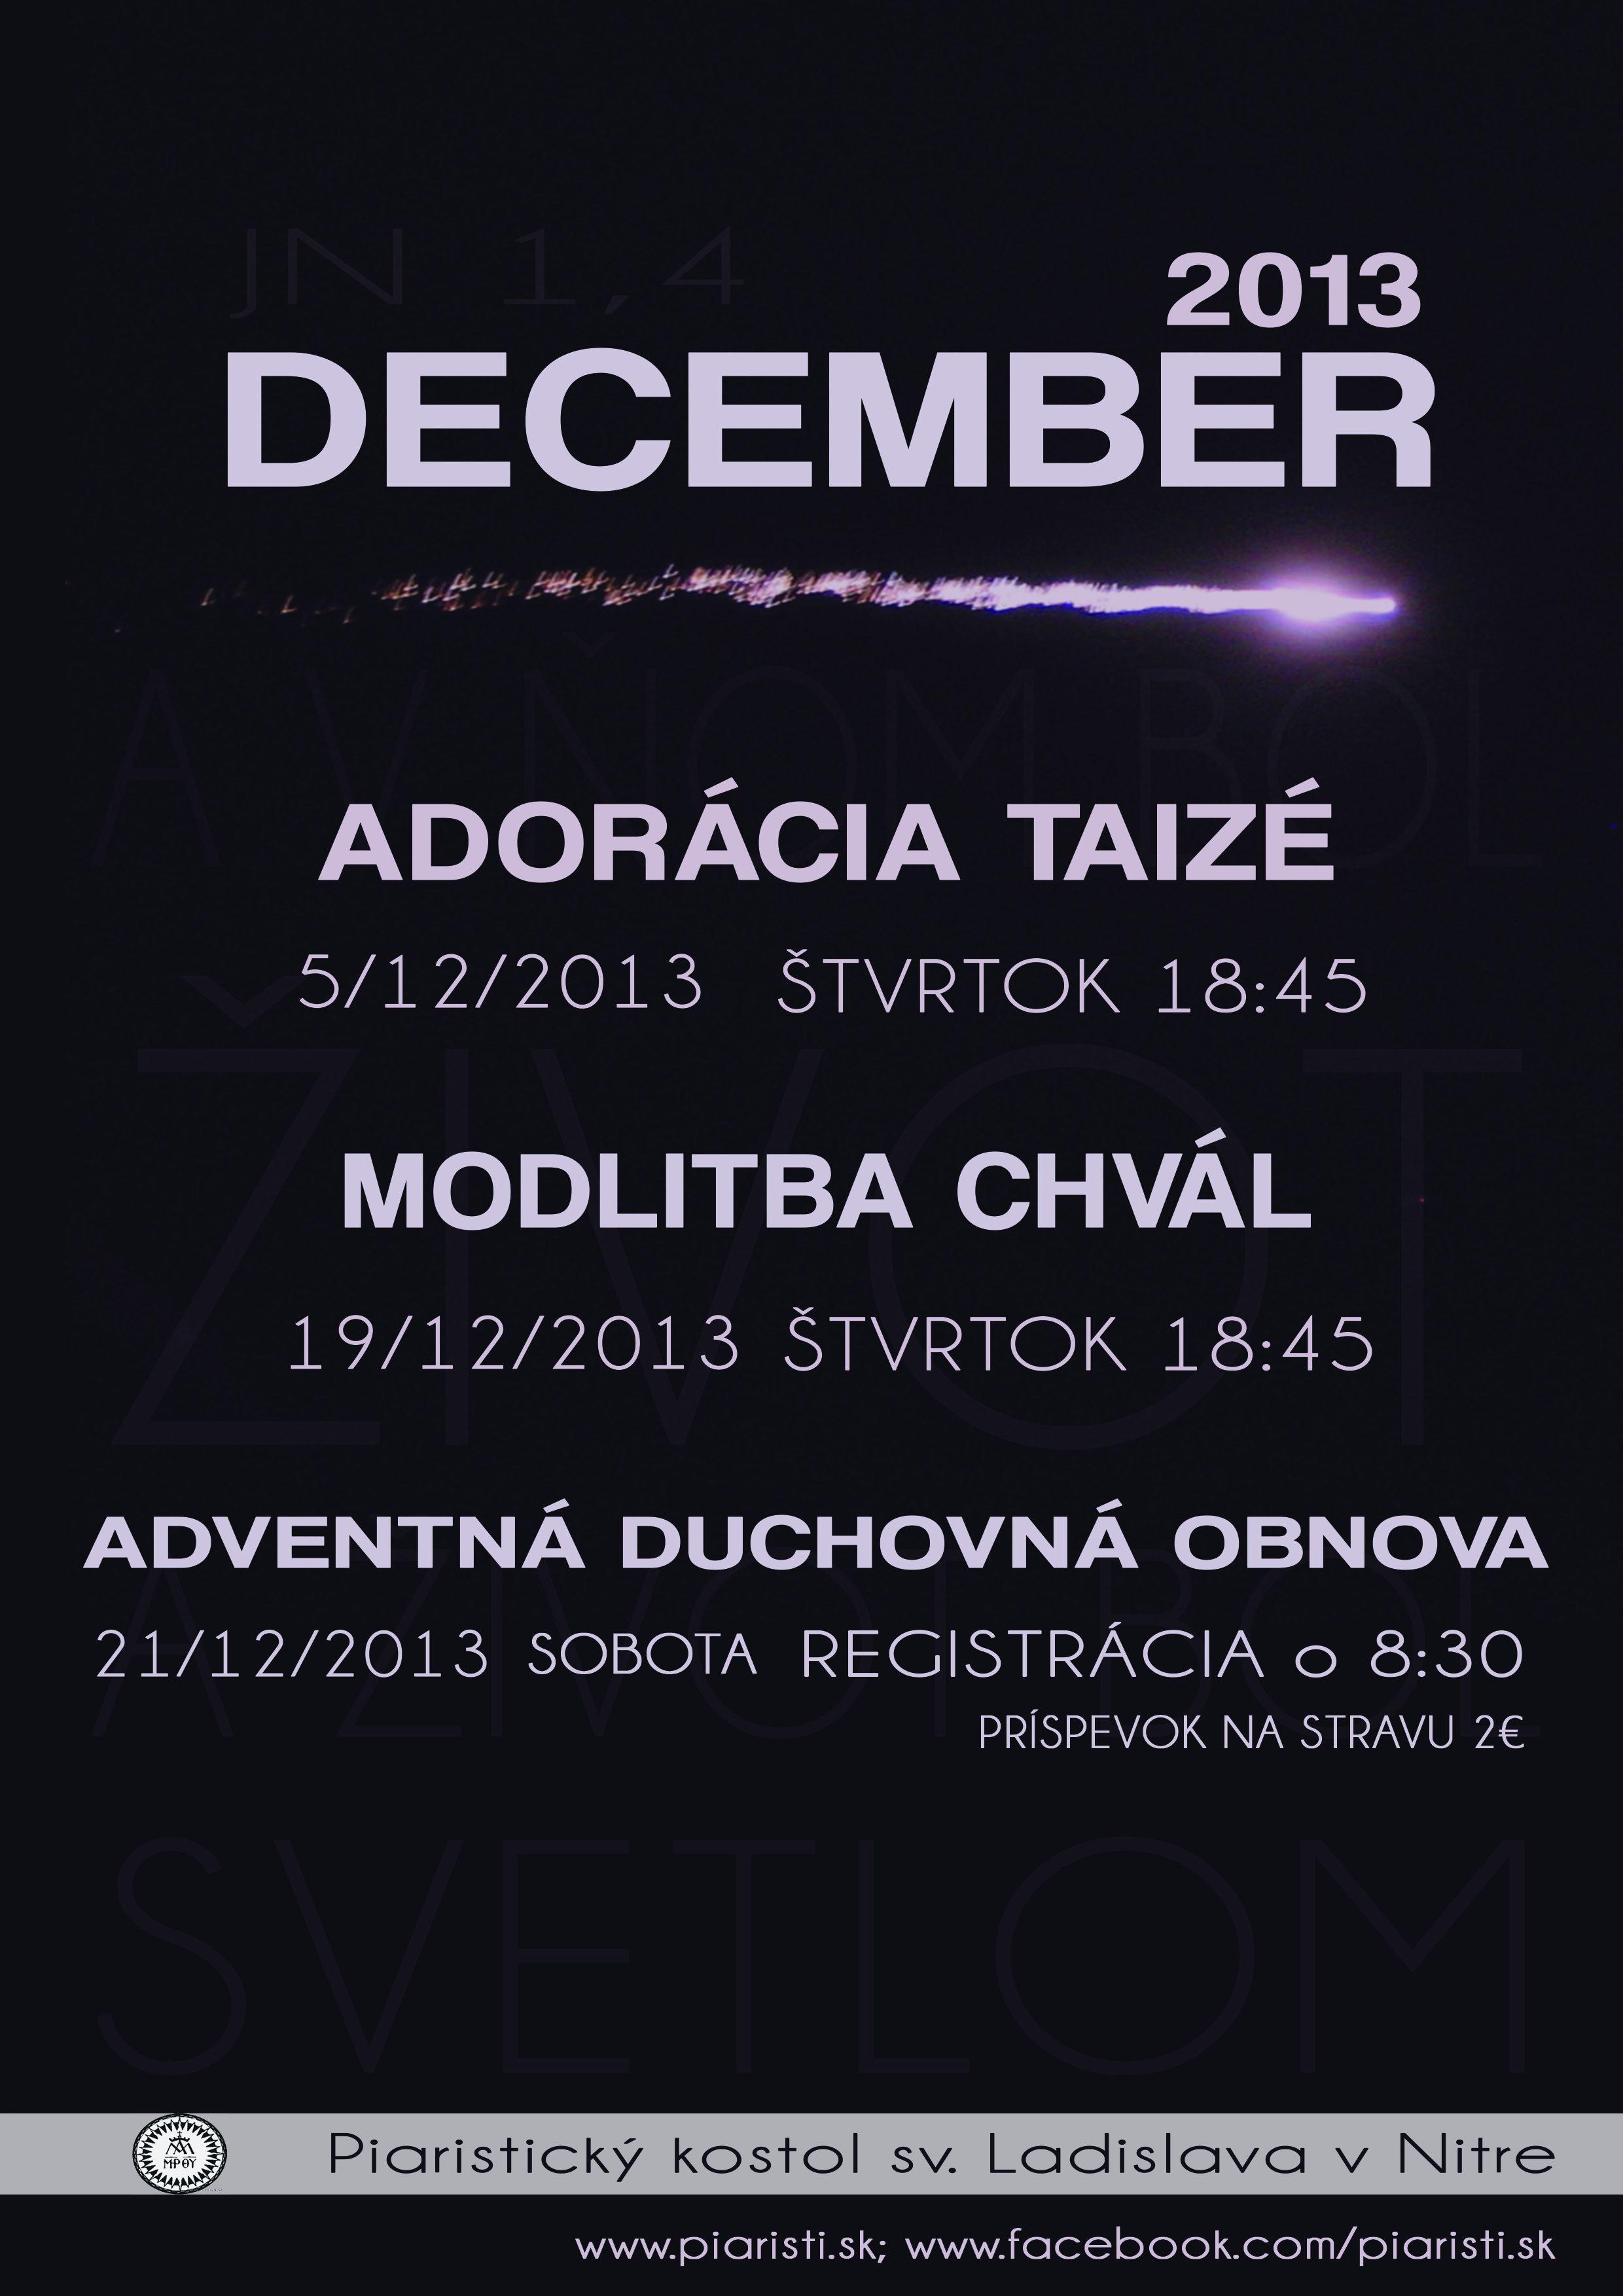 Decembrové mlédežnícke aktivity v Nitrianskom kostole sv. Ladislava